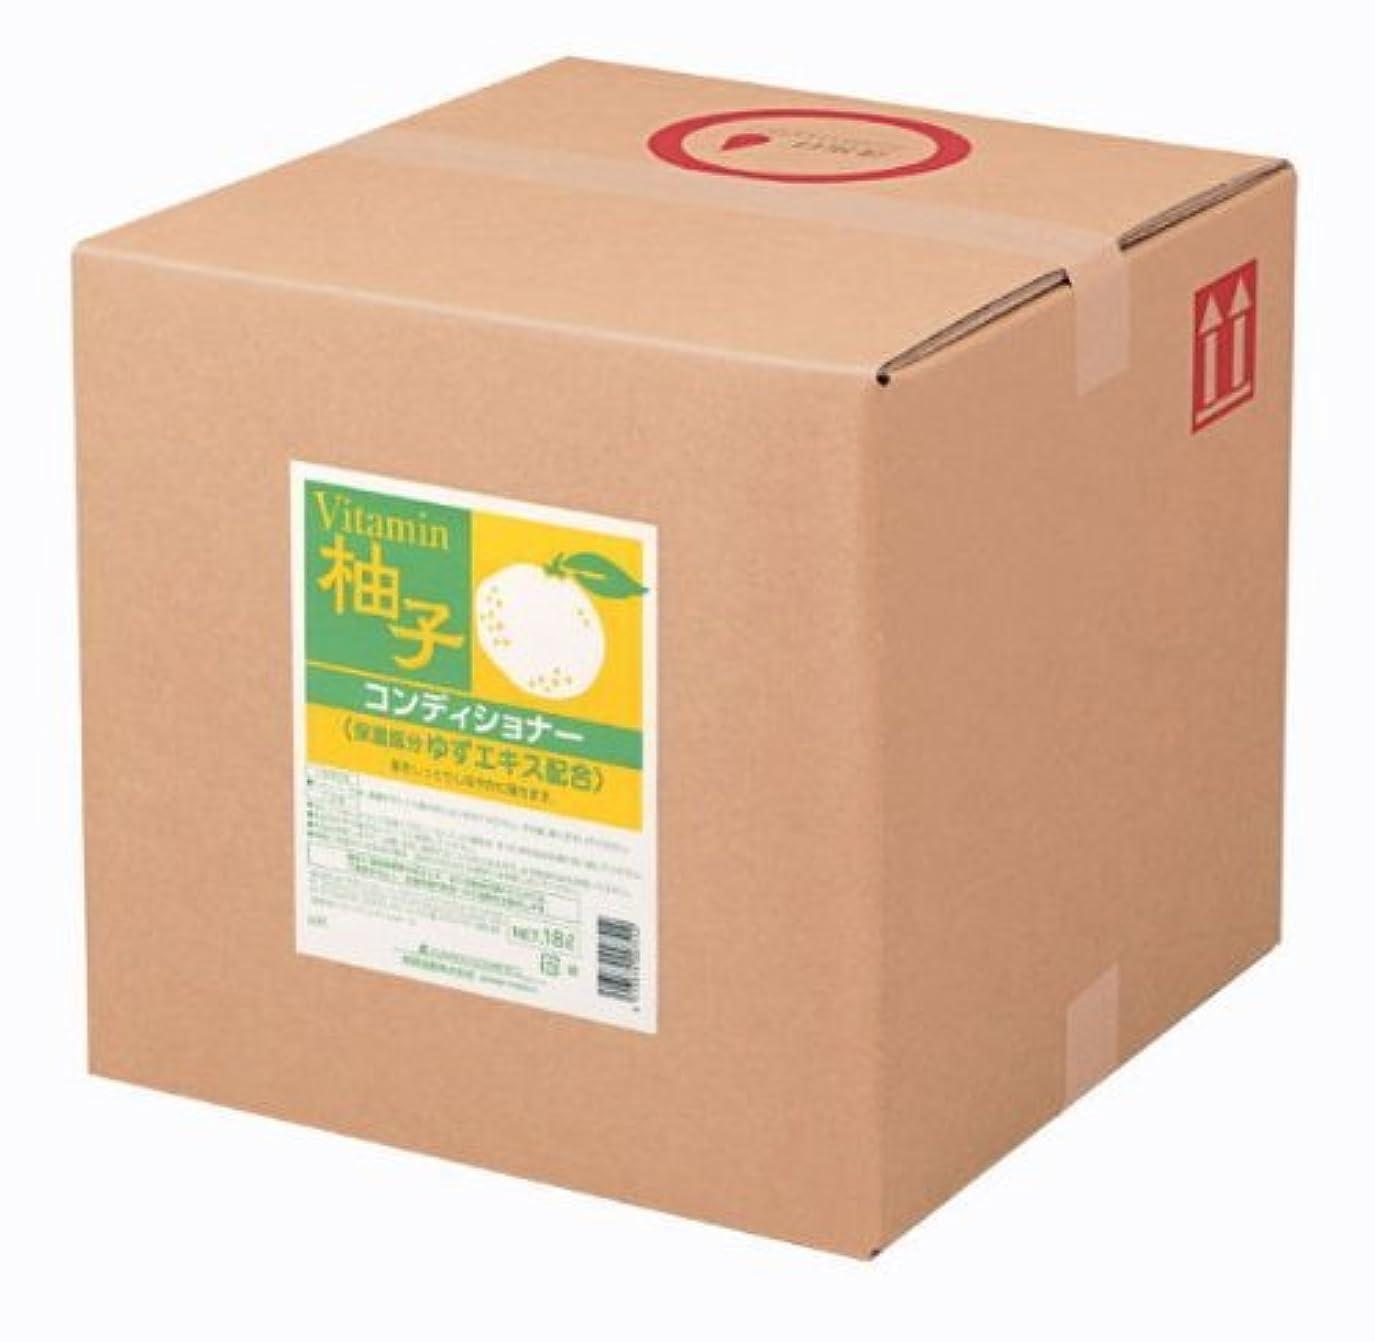 しないでくださいセクタ囚人熊野油脂 業務用 柚子 コンディショナー 18L